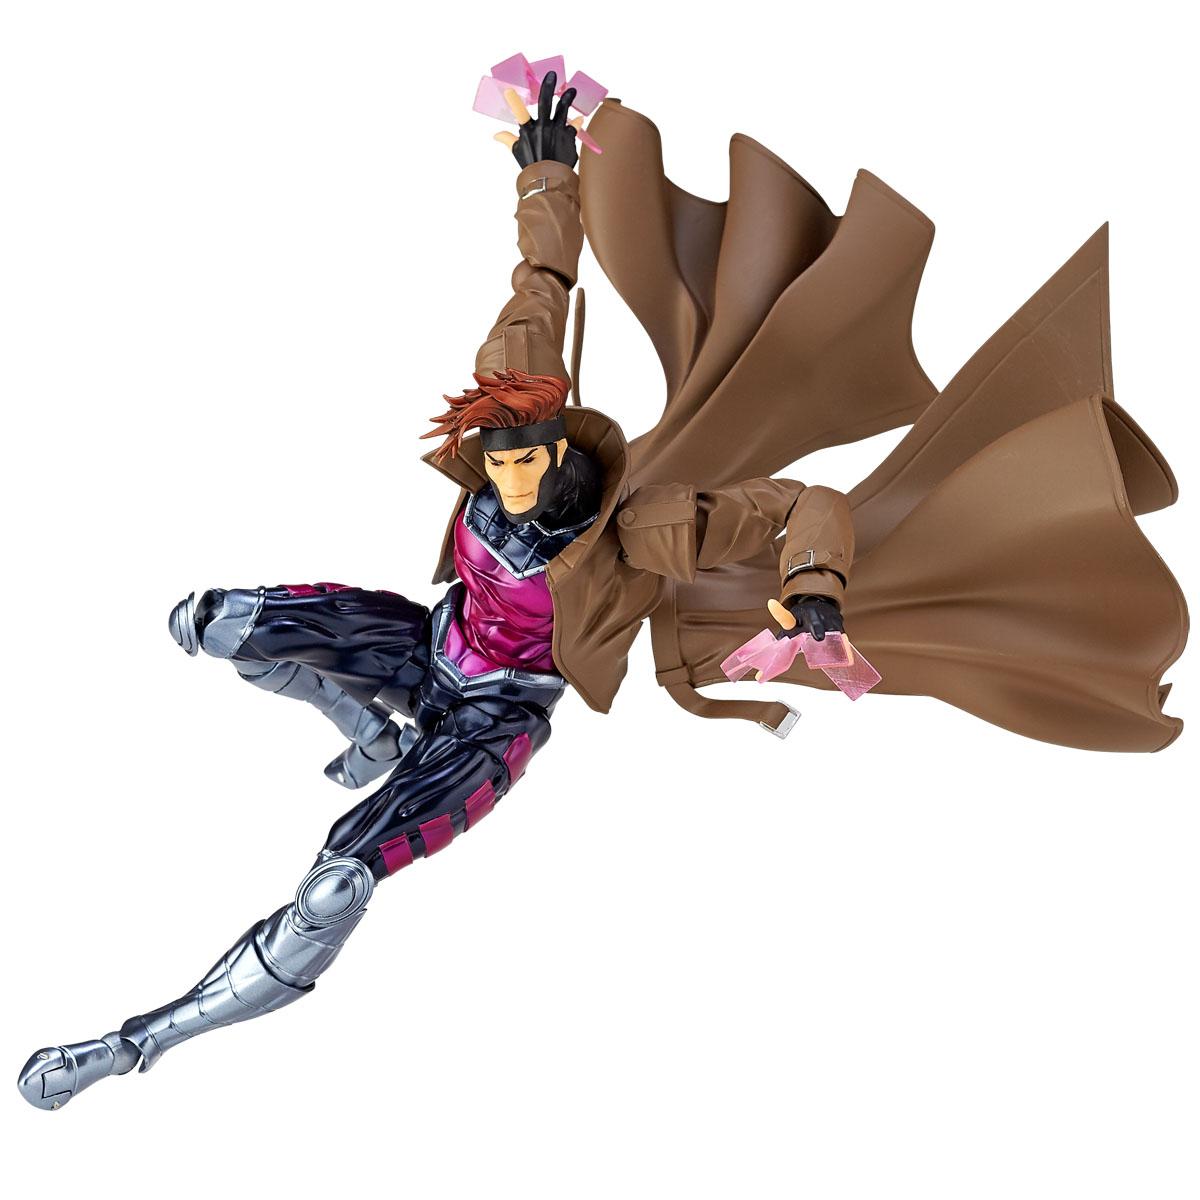 Kaiyodo Revoltech Amazing Yamaguchi Gambit